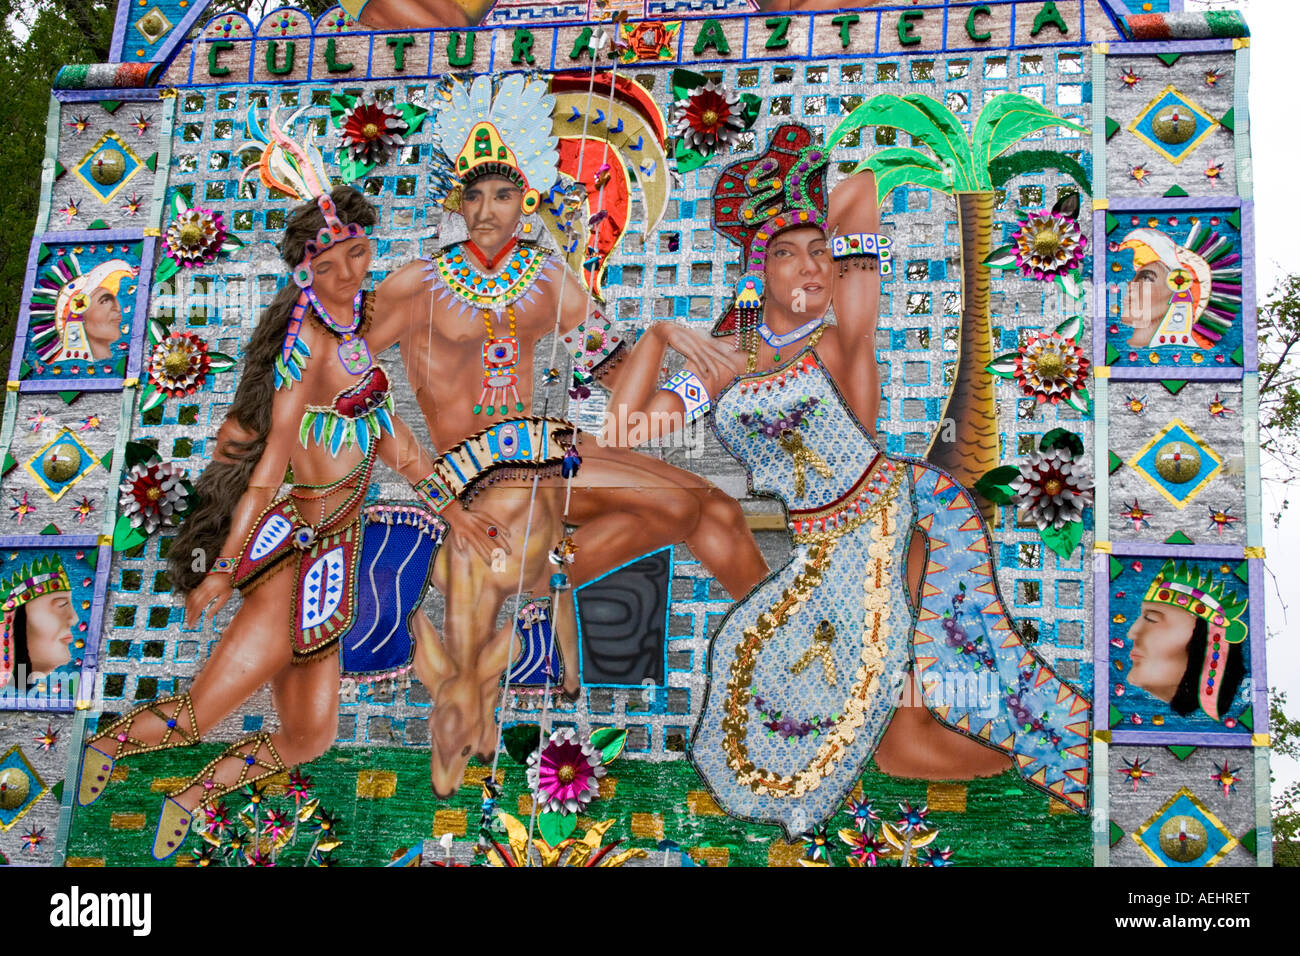 La Sección De Póster Con Pinturas Representando A La Cultura De Los